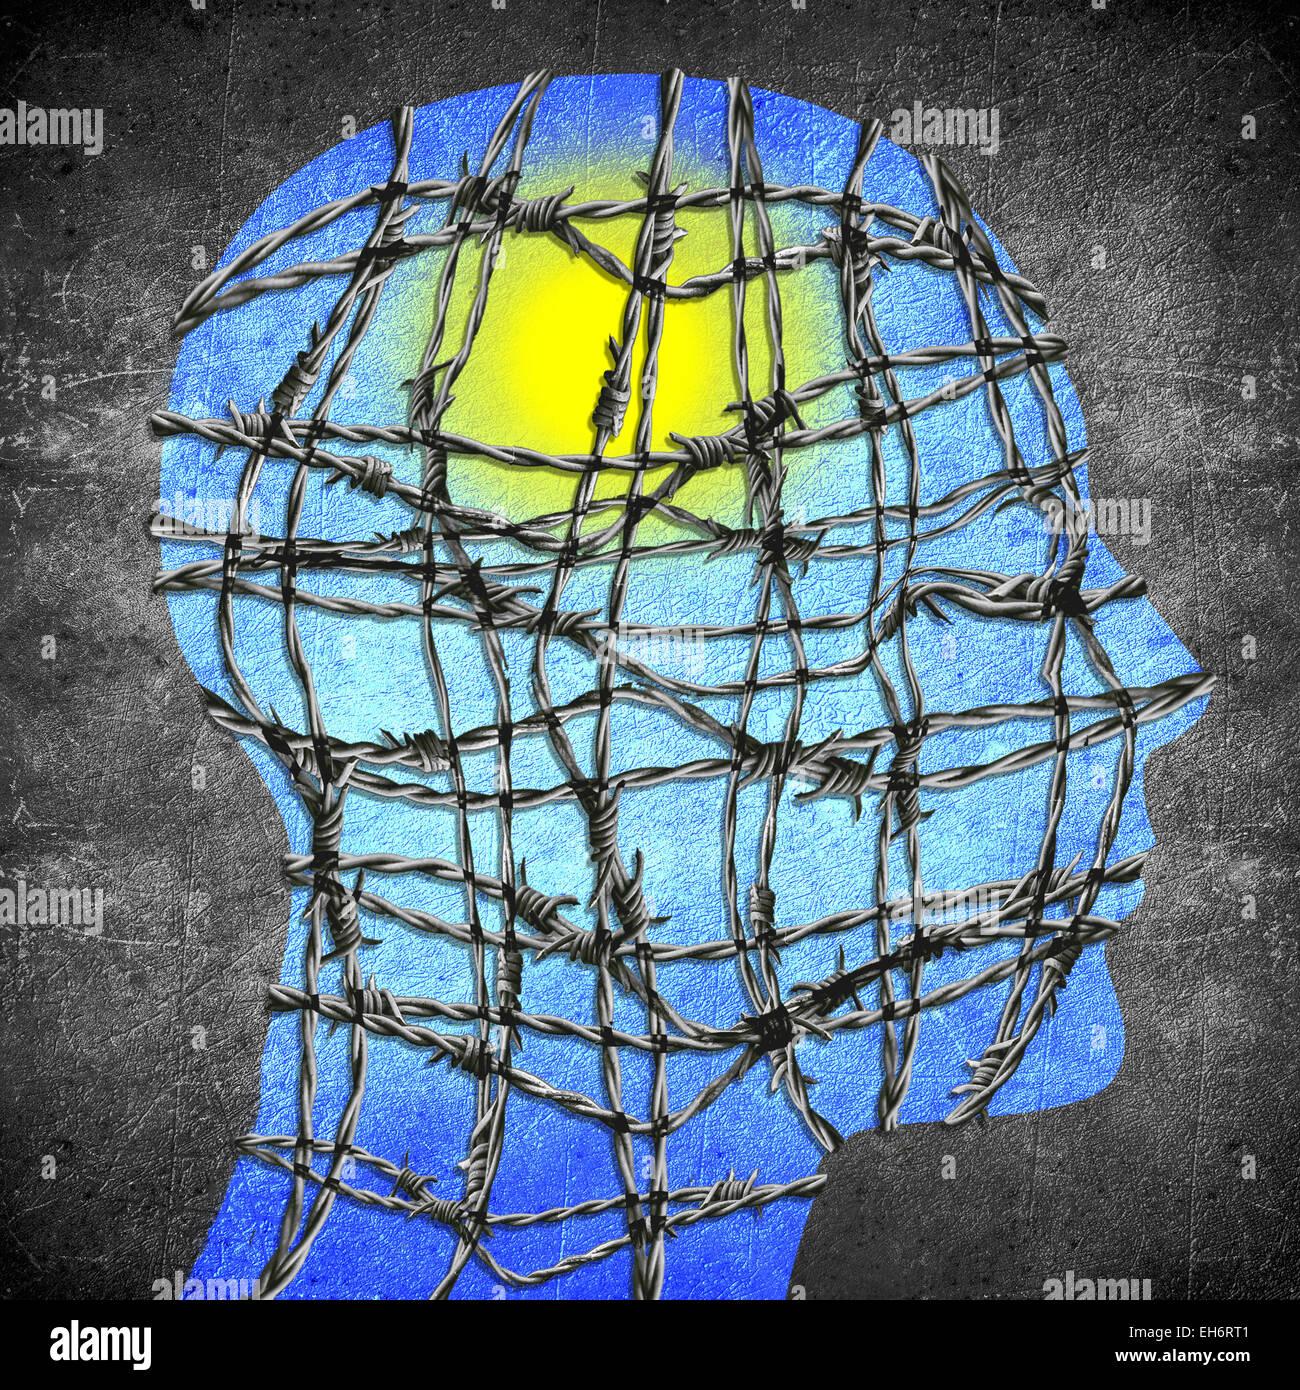 Silueta de cabeza con alambre de púas de sol y cielo azul ilustración digital Imagen De Stock